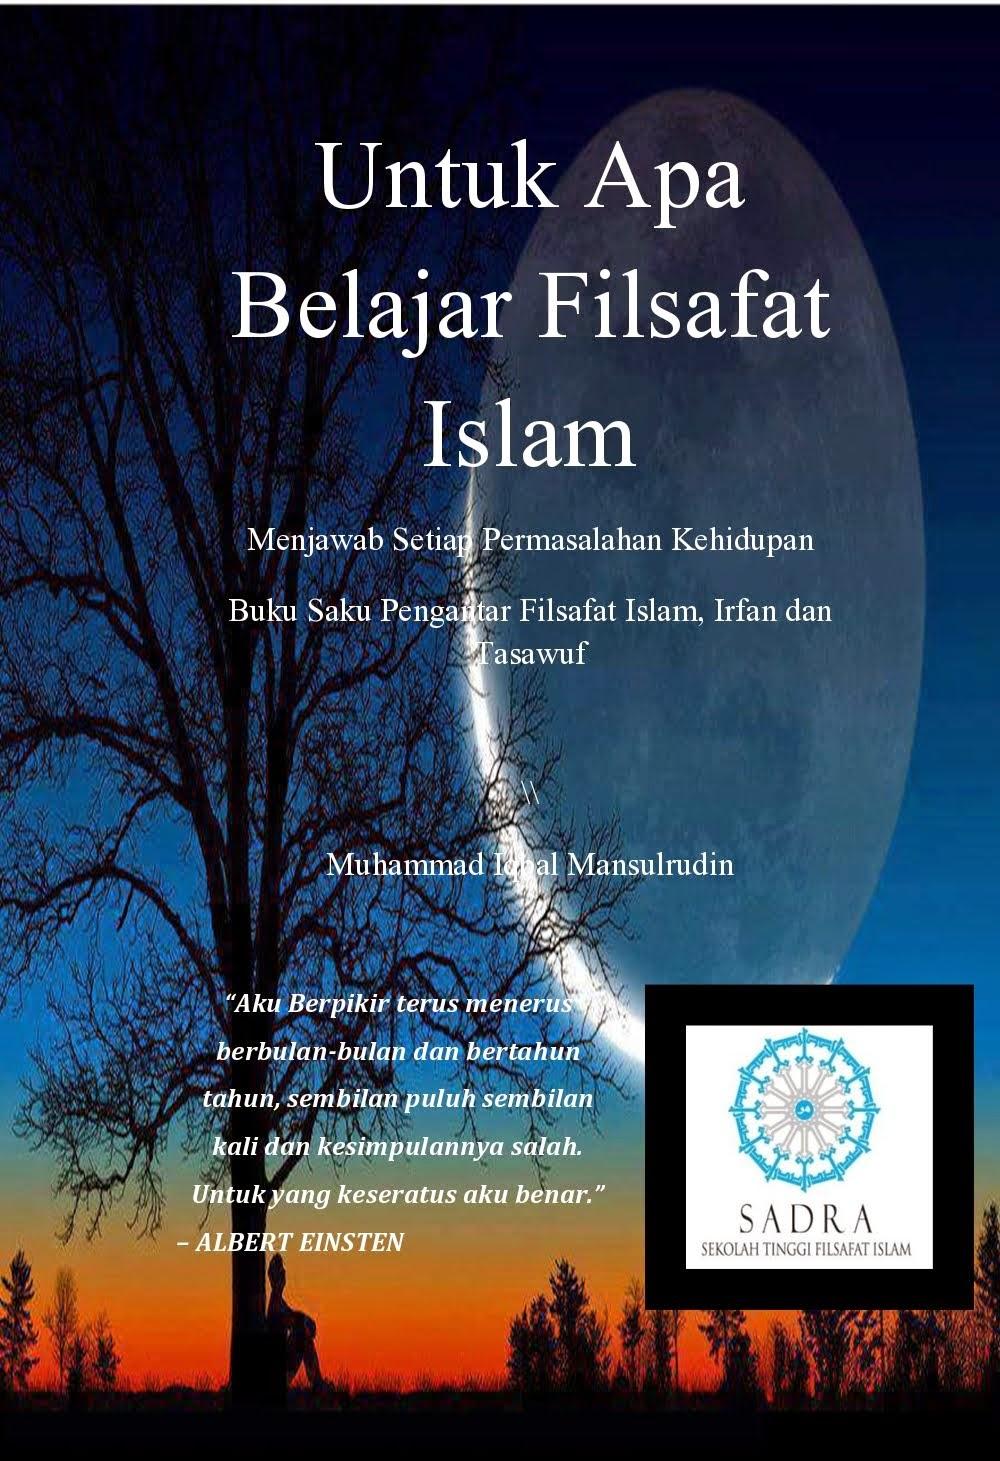 BUKU PENGANTAR FILSAFAT ISLAM